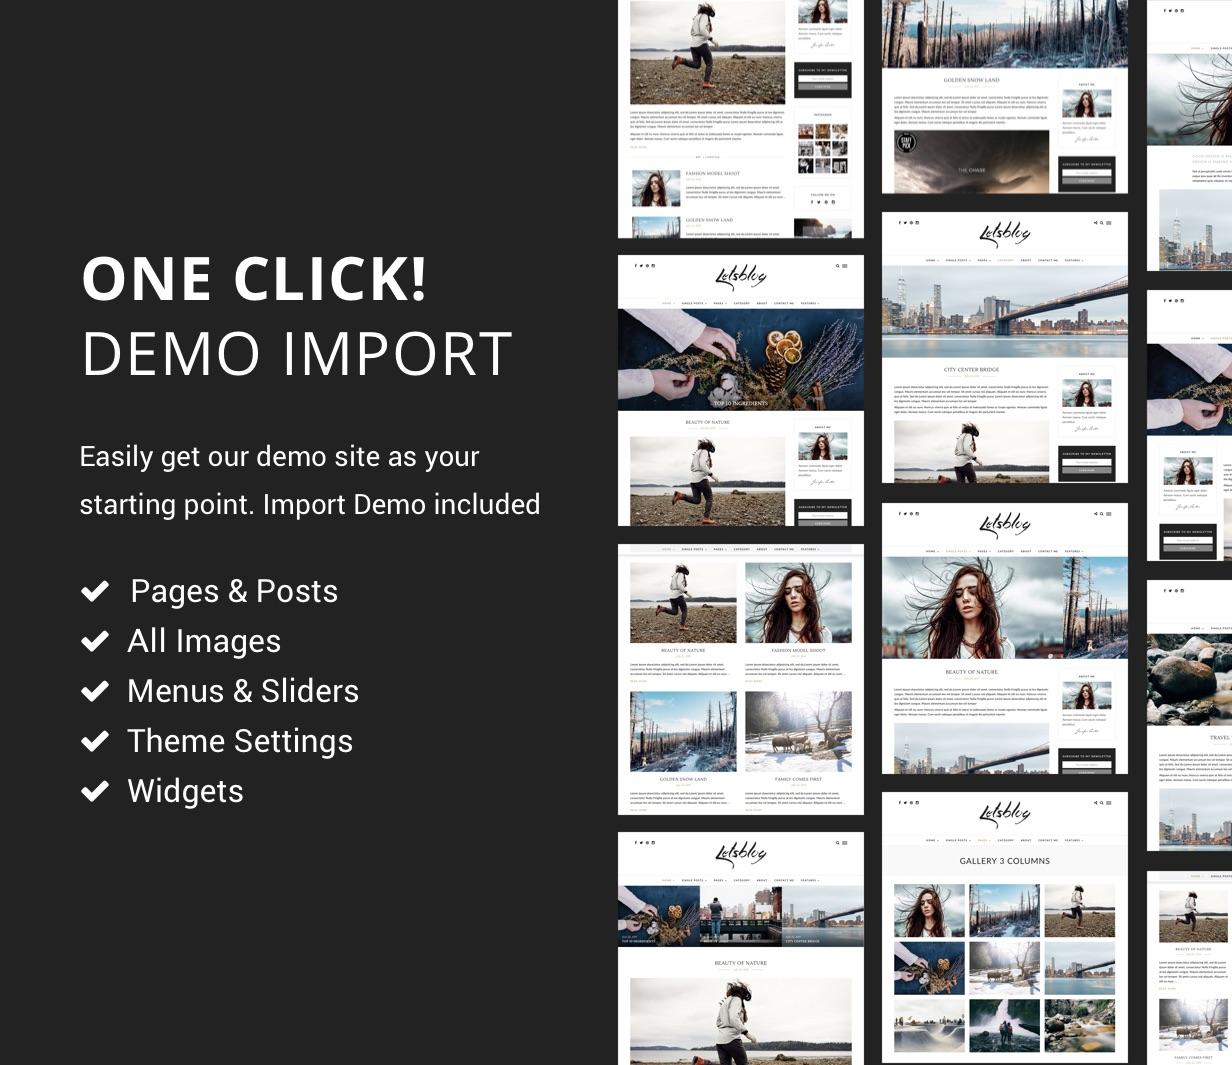 letsblog demo import - Lets Blog WordPress